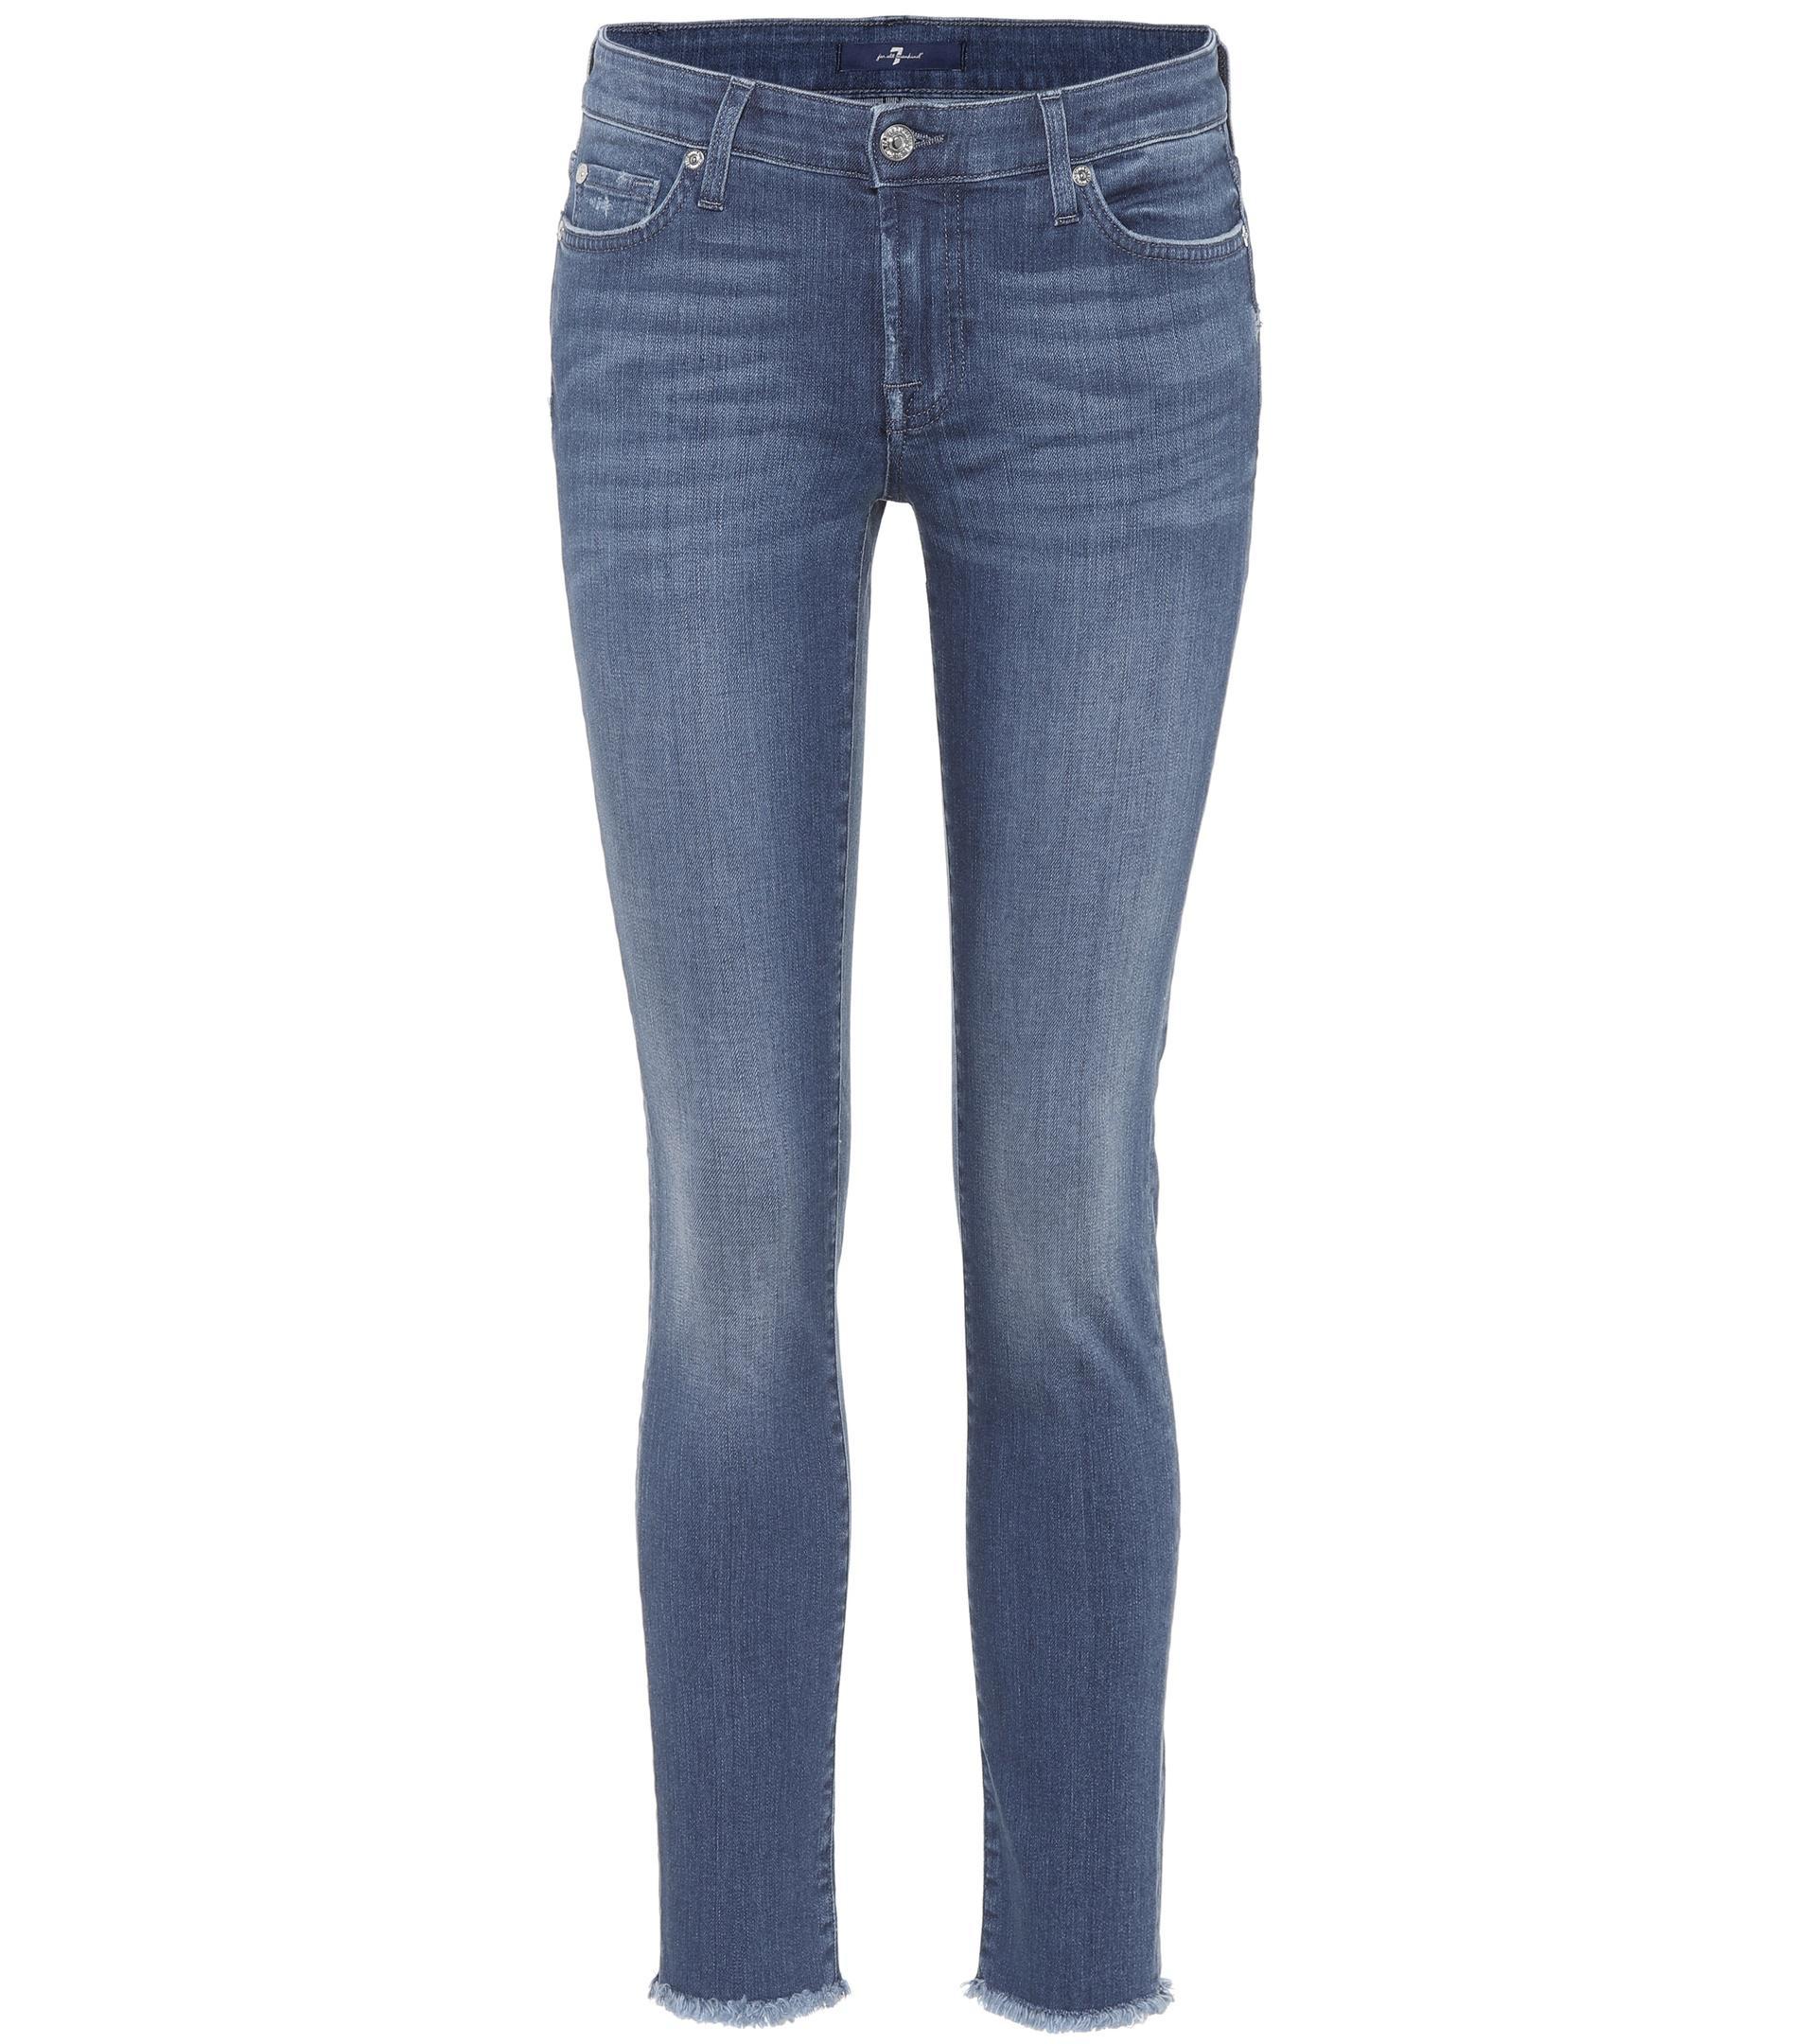 Pyper Recadrée Jeans - Bleu 7 Pour Toute L'humanité EfeiOda